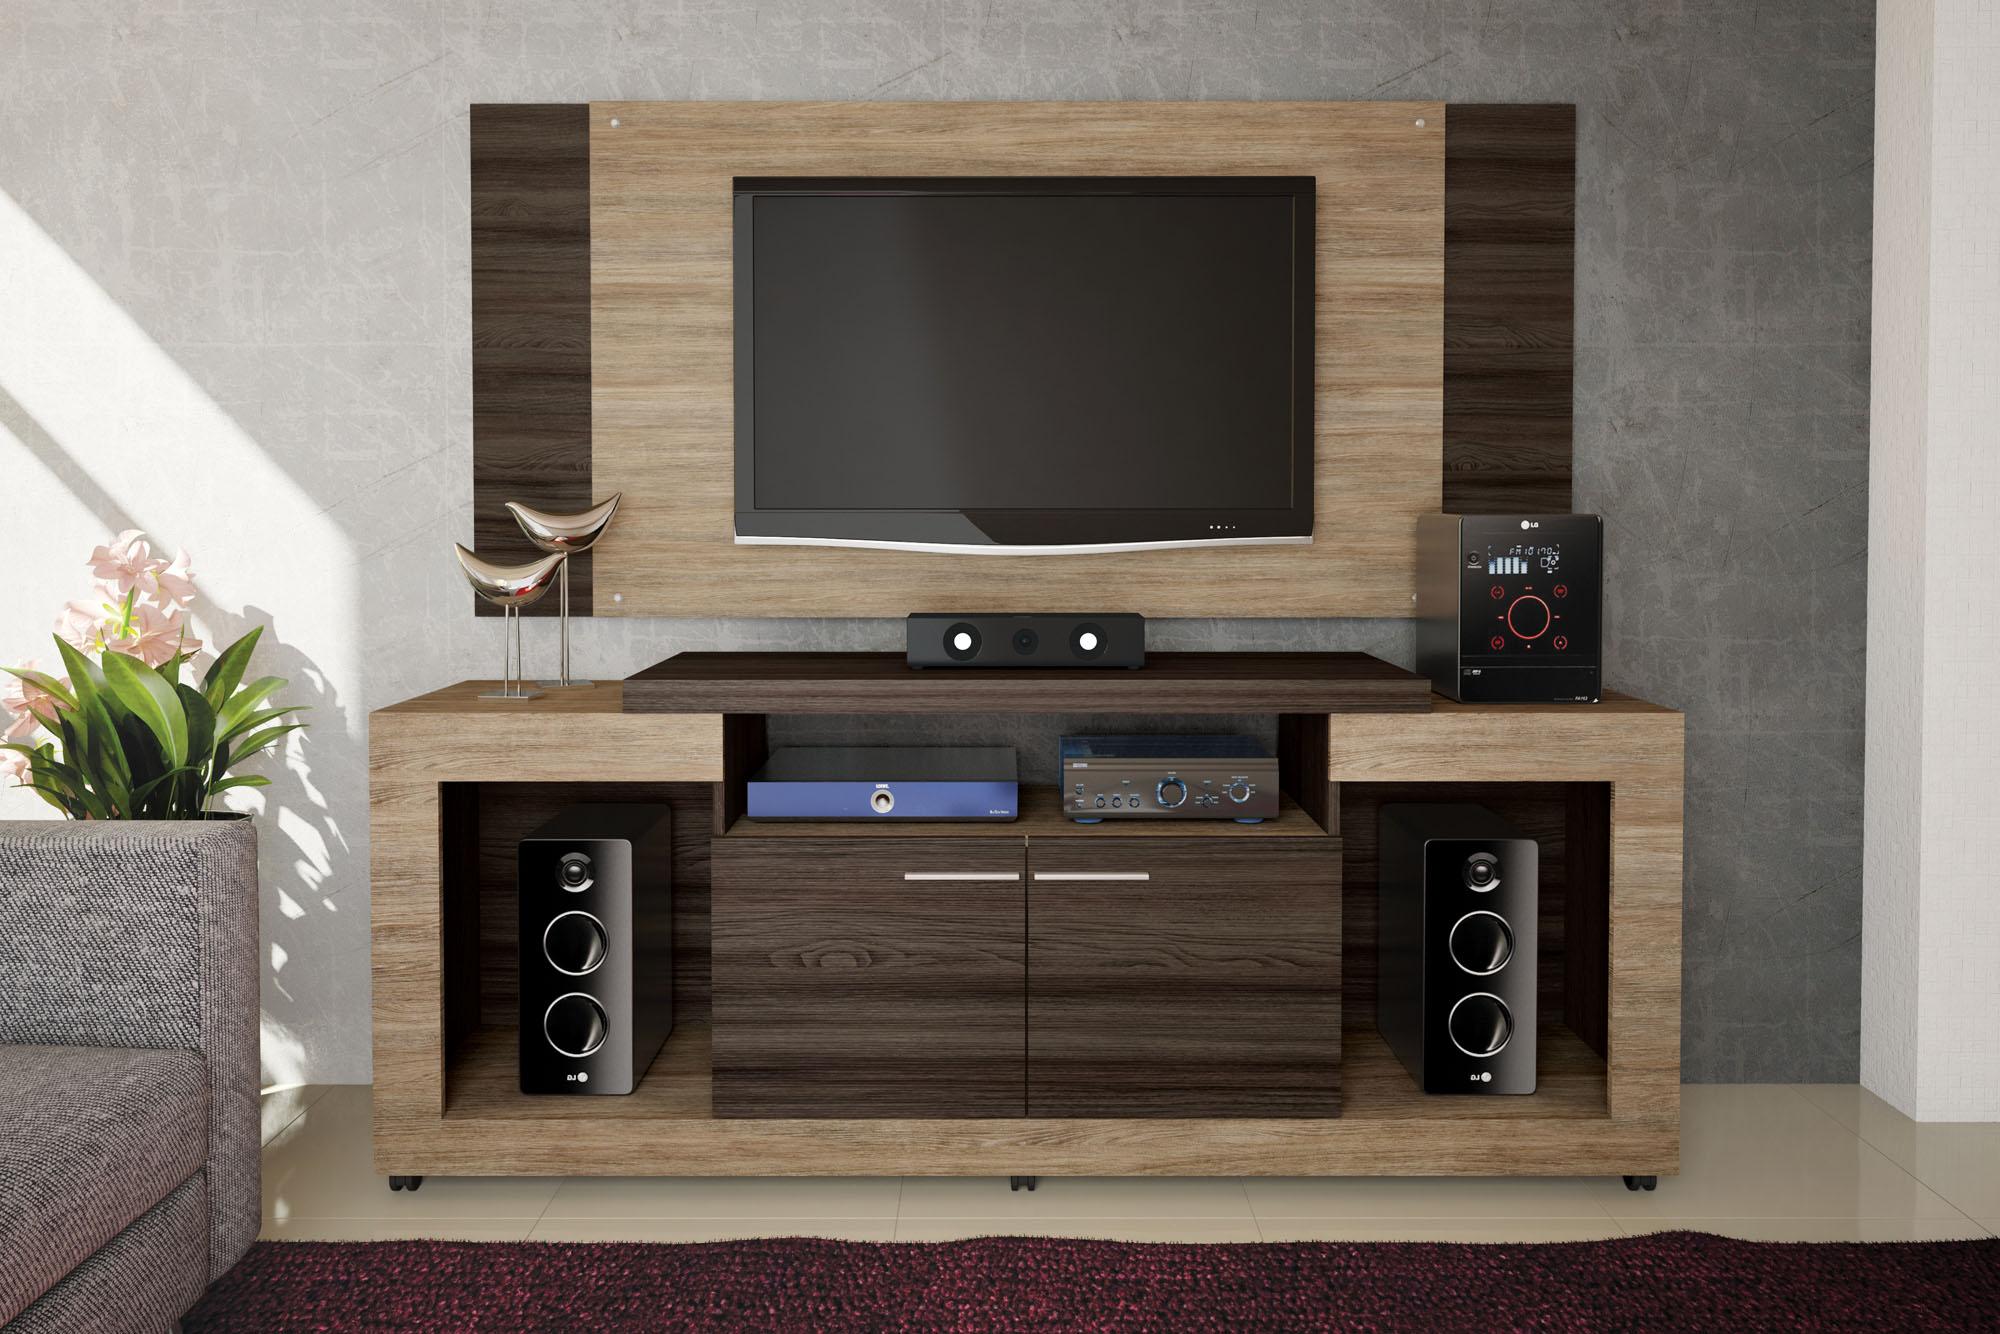 Mueble De Tv Con Panel Y Equipo De Sonido Oscar Labnash # Muebles Caemmun